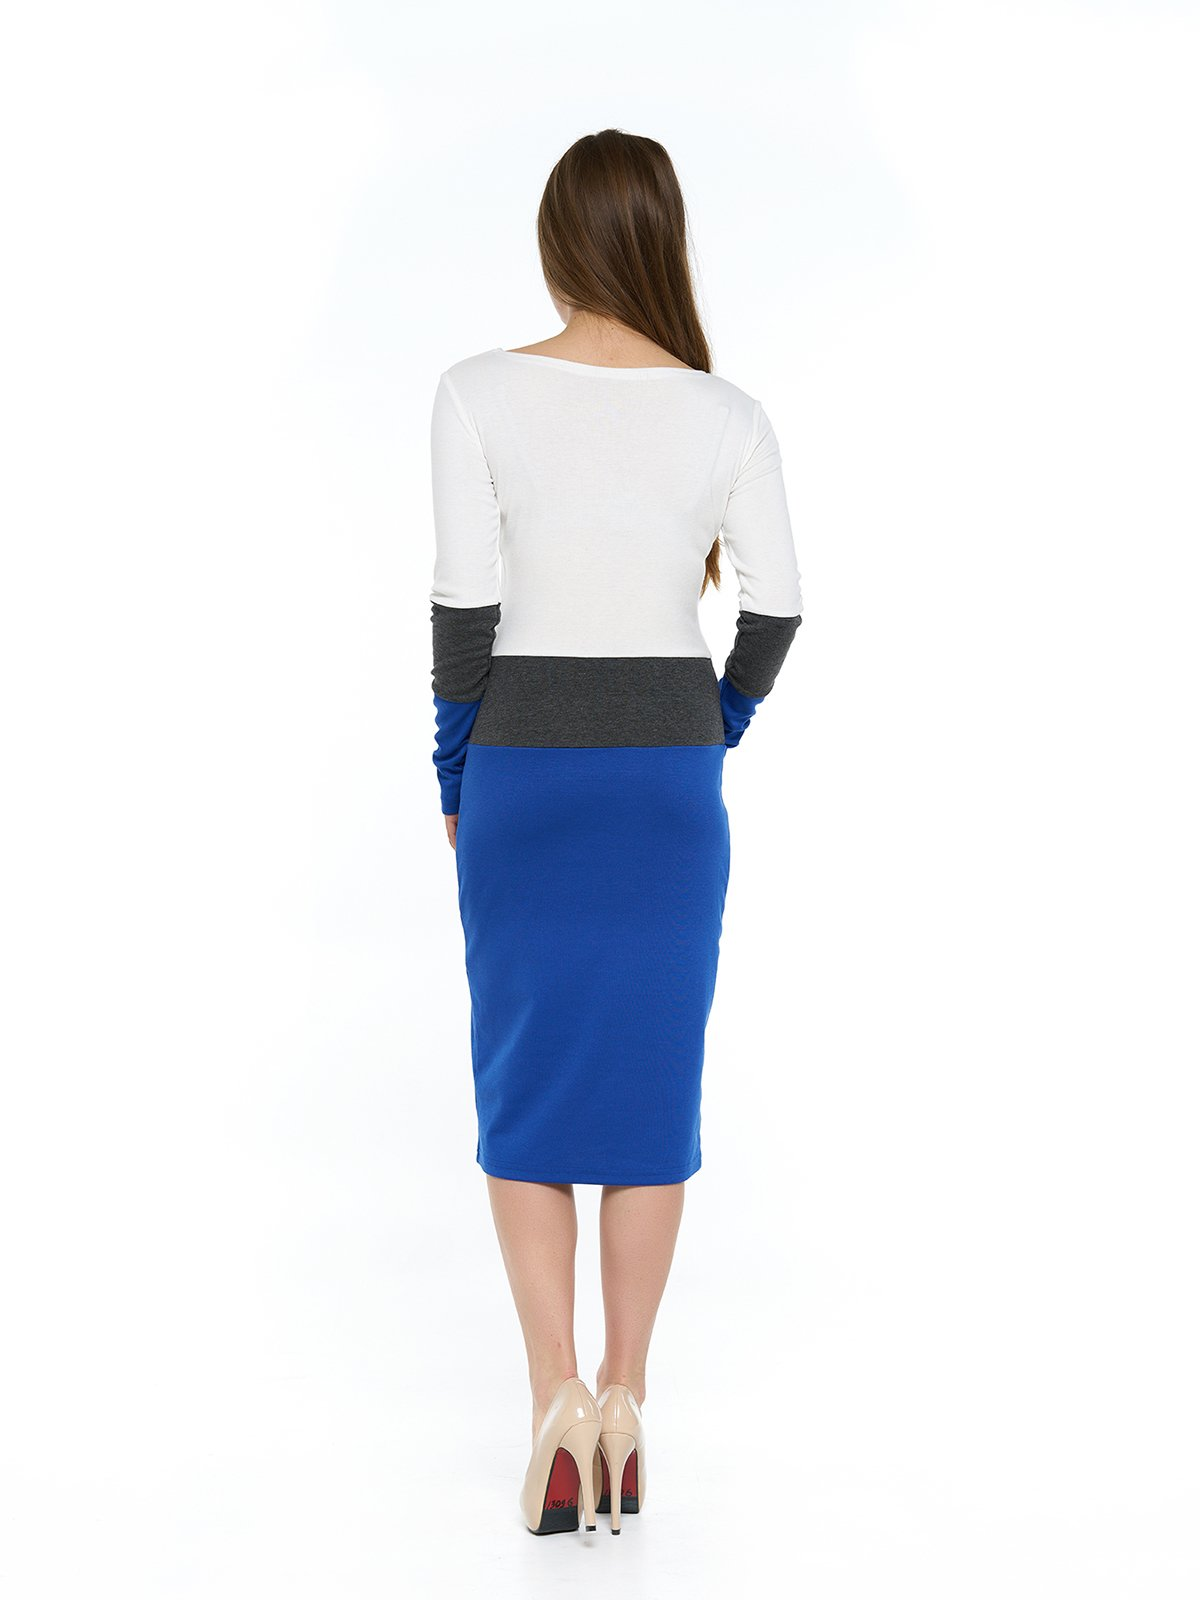 Сукня триколірна | 3264124 | фото 2